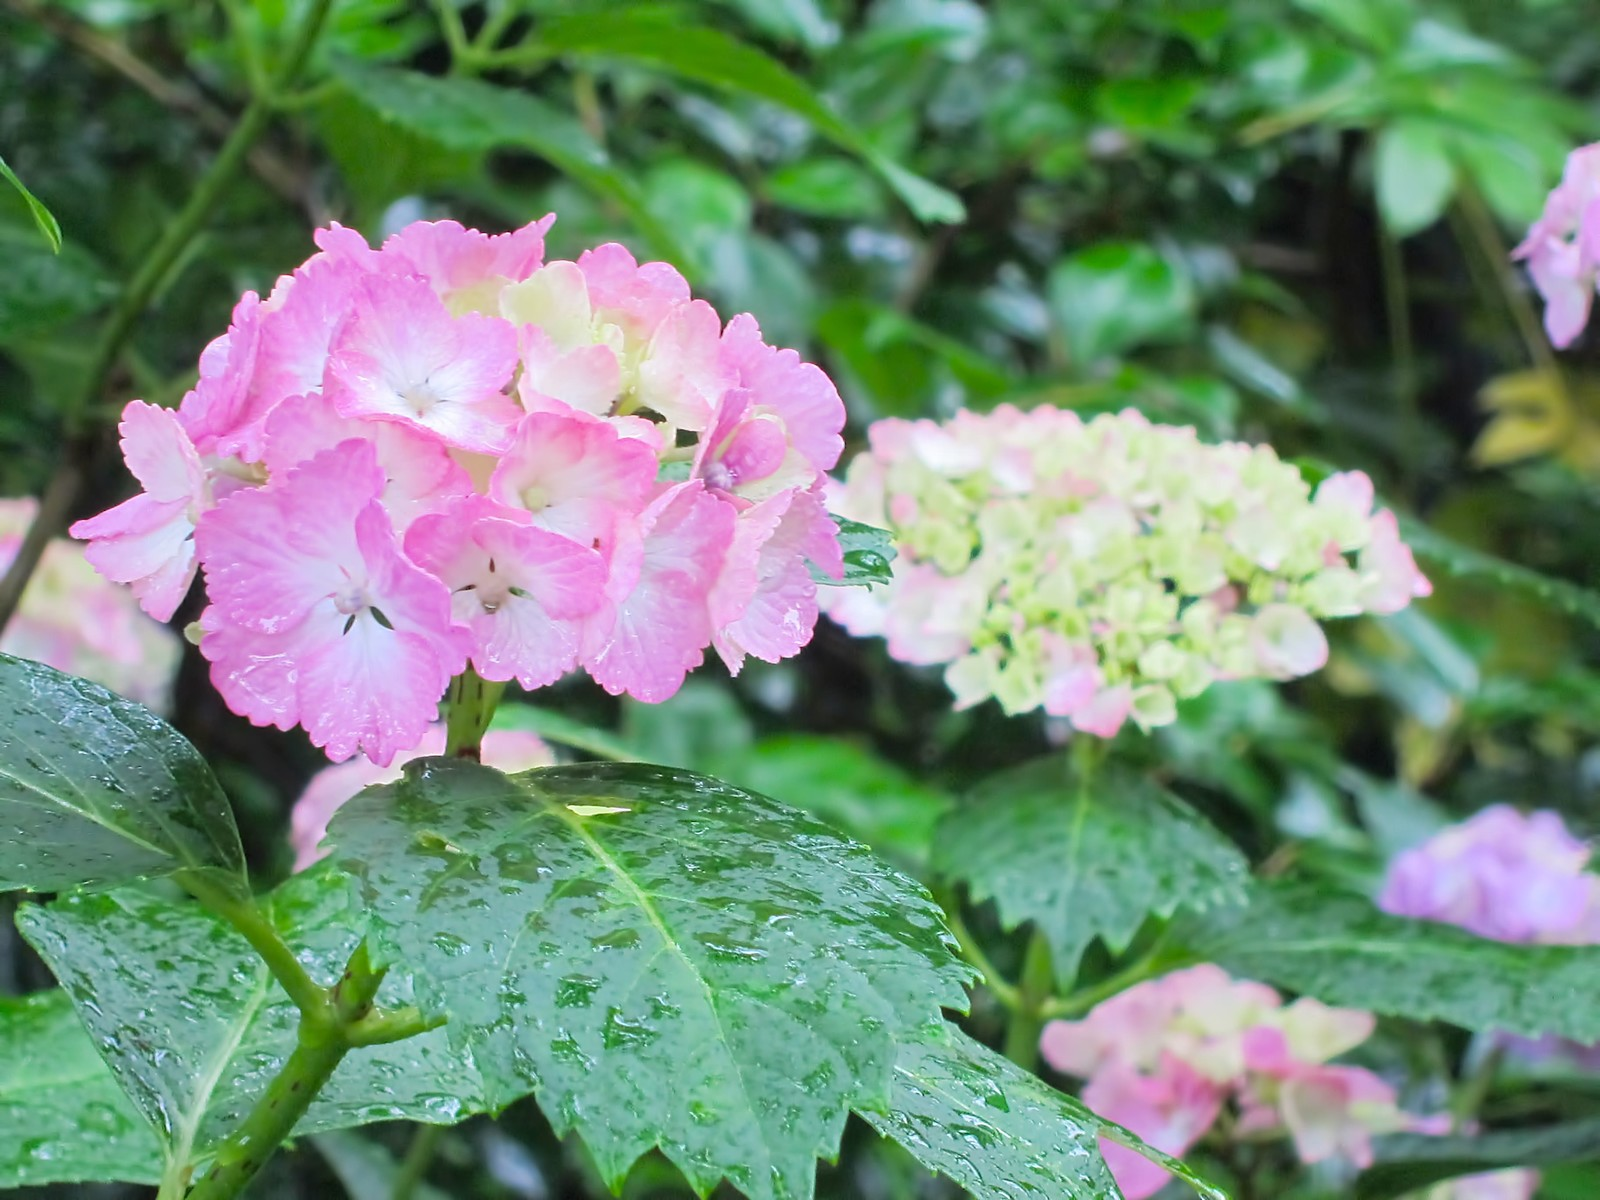 「雨粒とピンク色の紫陽花雨粒とピンク色の紫陽花」のフリー写真素材を拡大